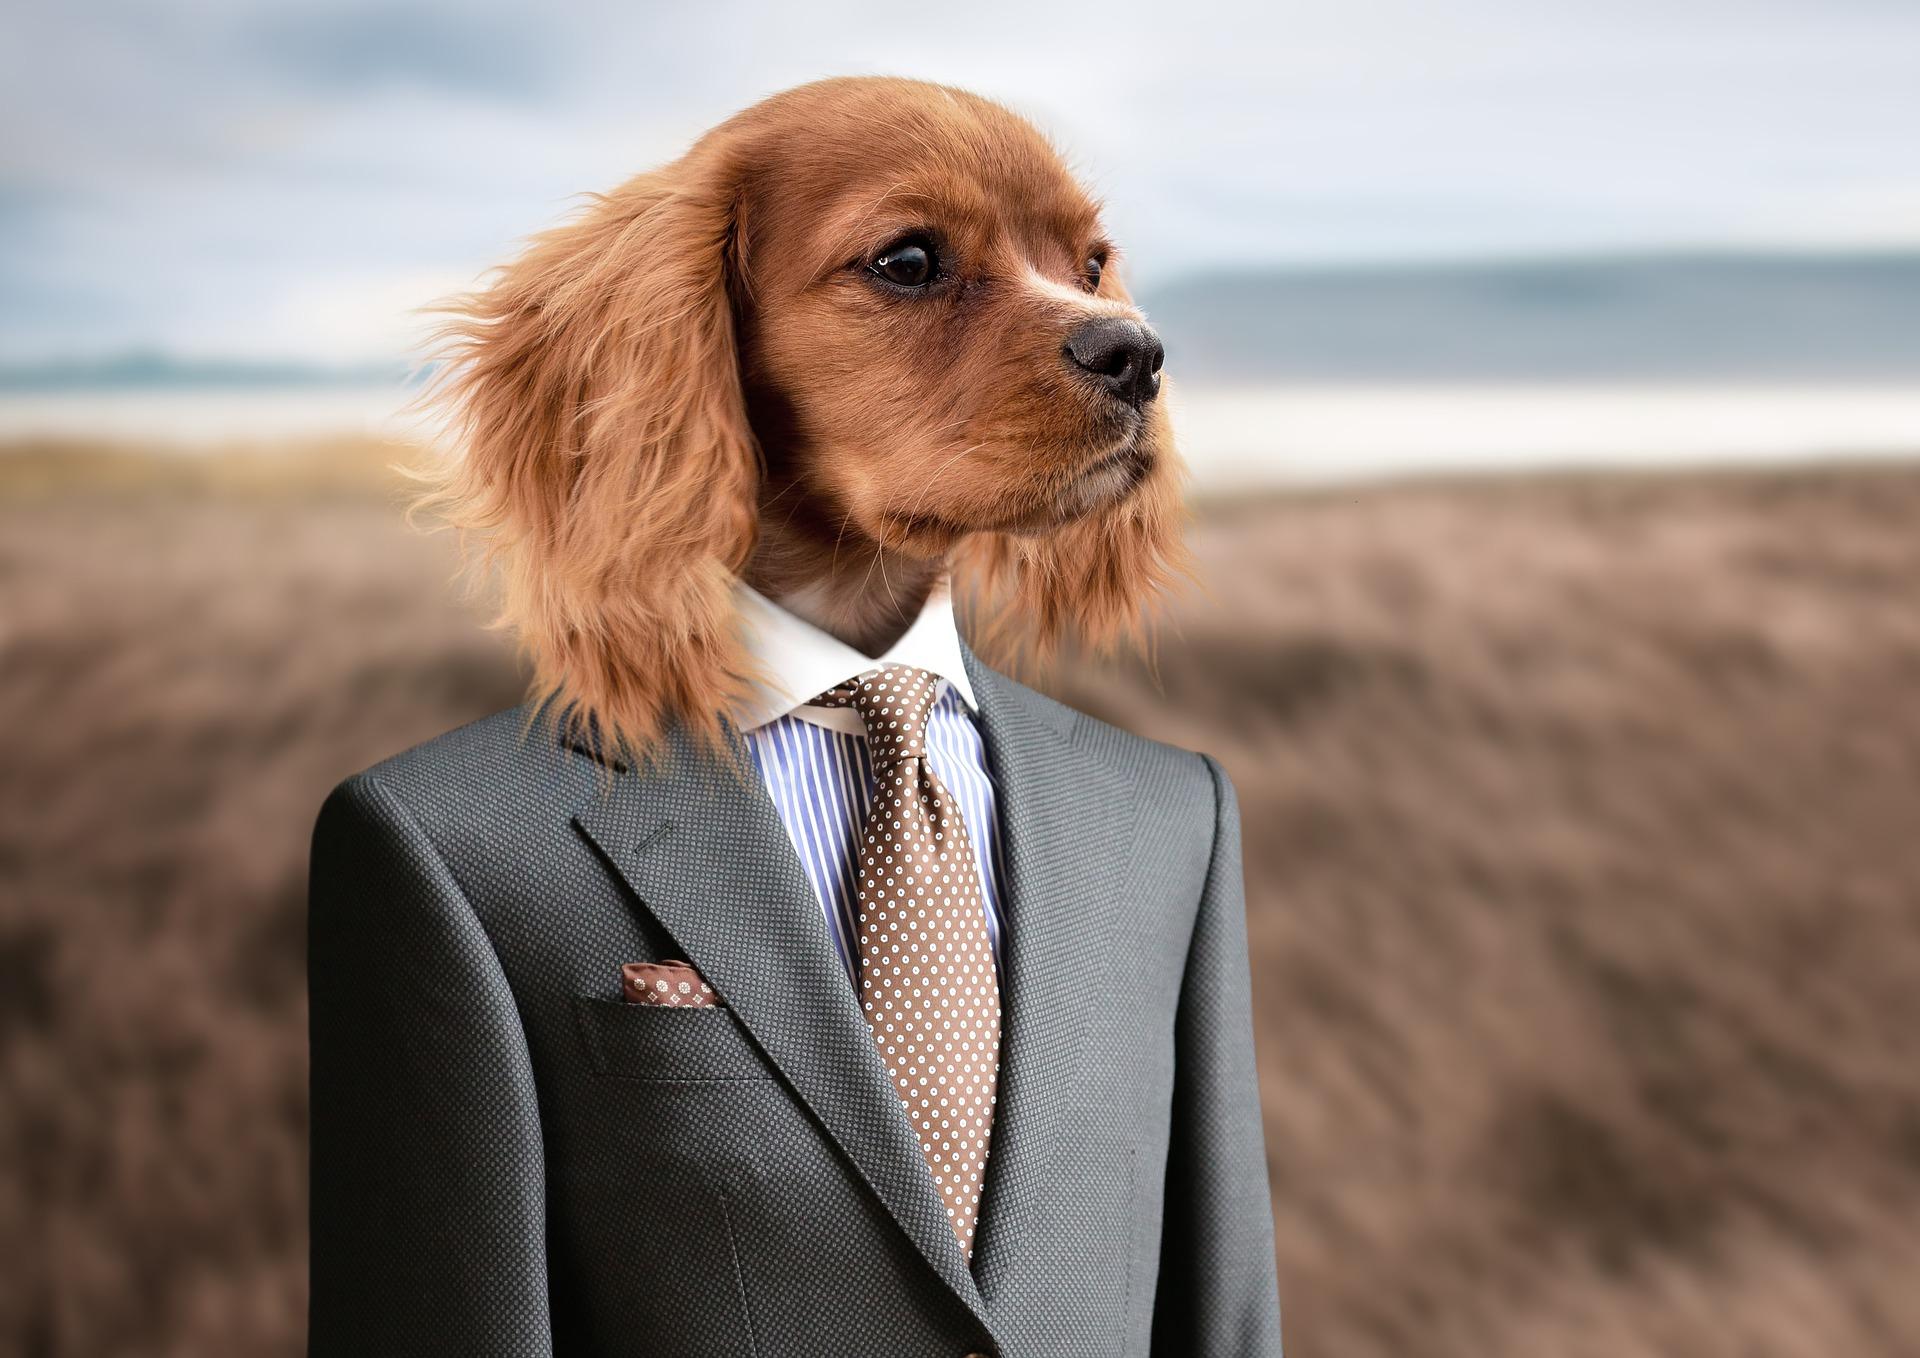 dog-2467149_1920